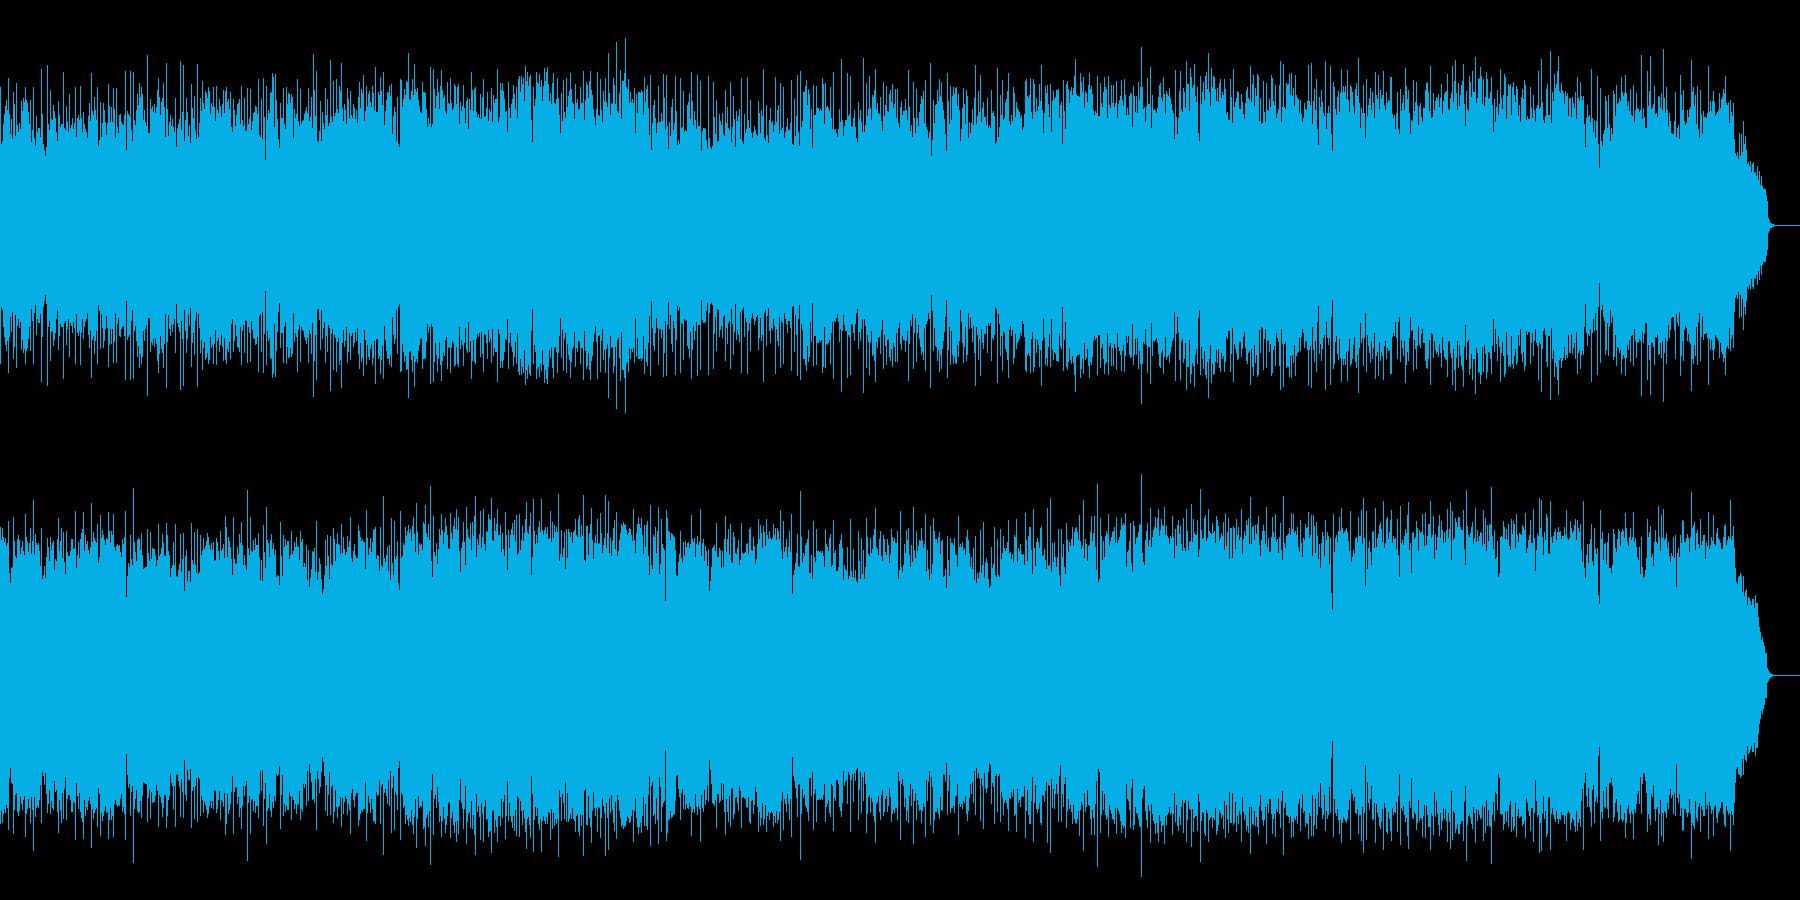 入場のBGMに合うサビが印象的なロカバラの再生済みの波形